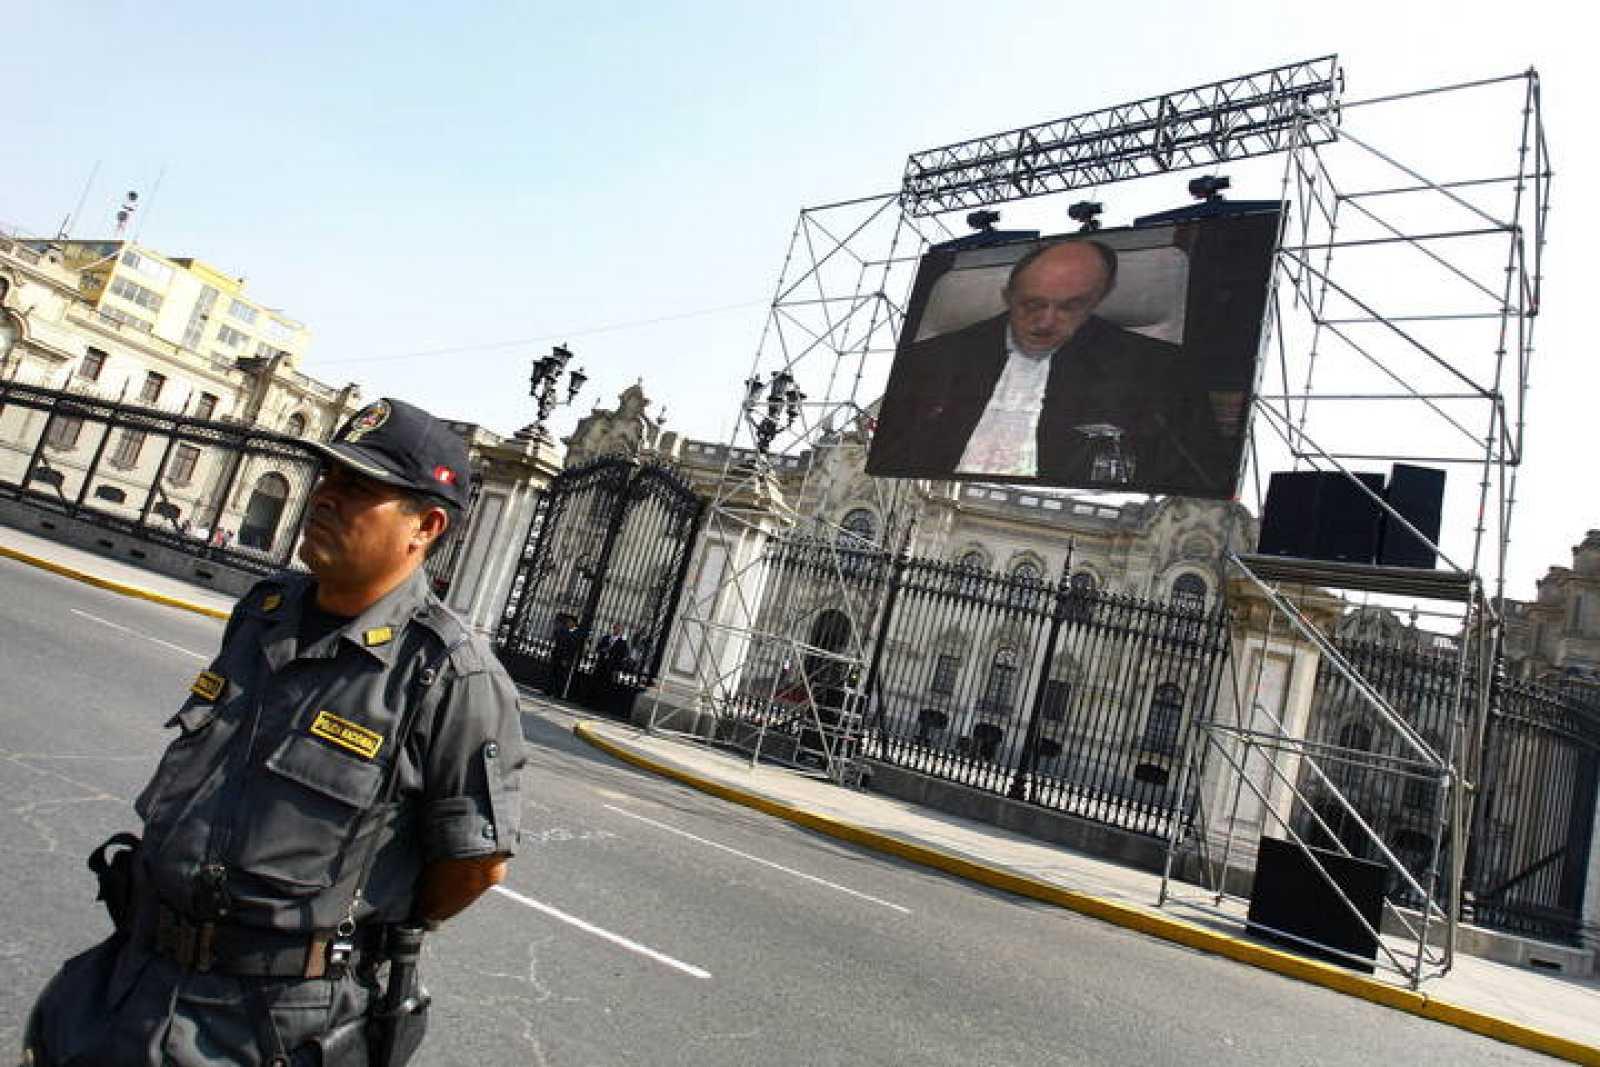 CIJ MODIFICA FRONTERA CHILE-PERÚN A FAVOR DE LIMA, PERO NO AJUSTA COORDENADAS